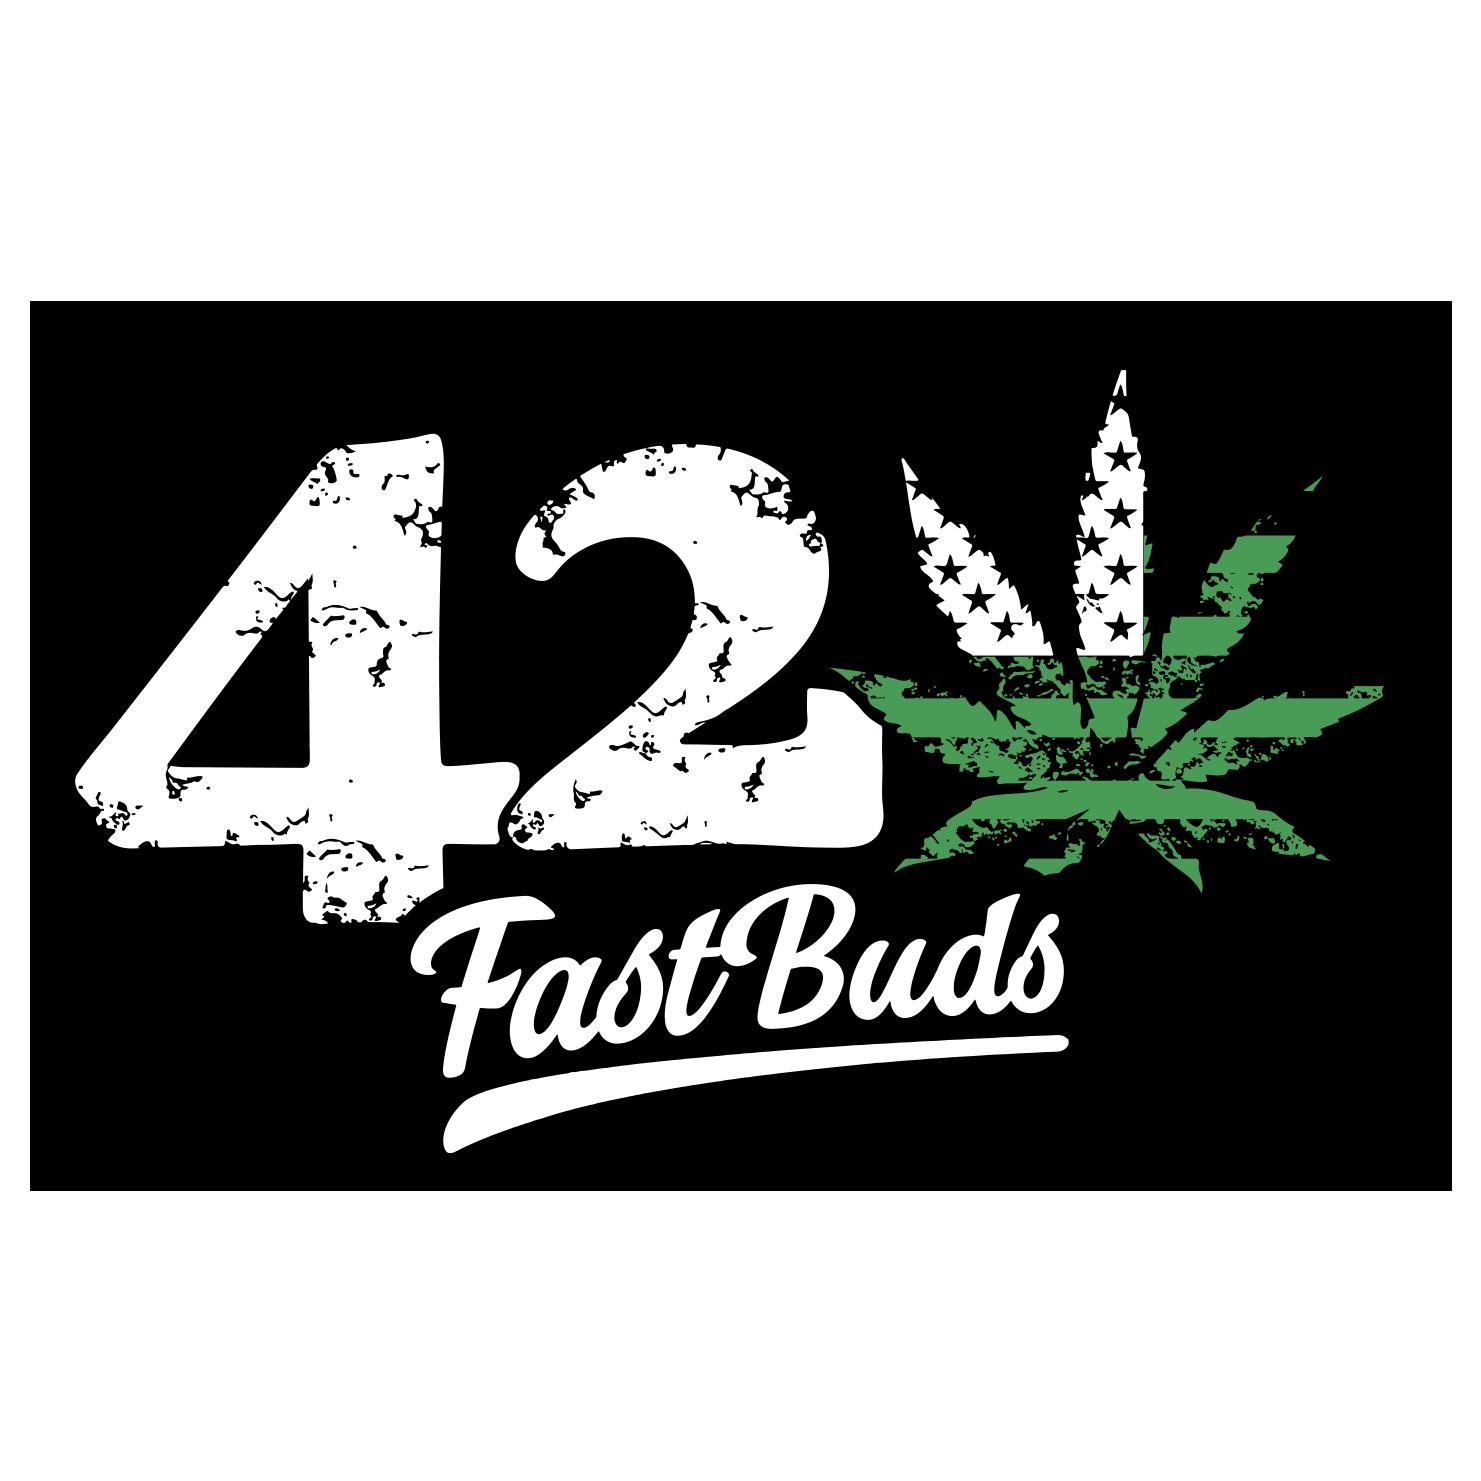 420 FastBuds | www.merkagrow.com